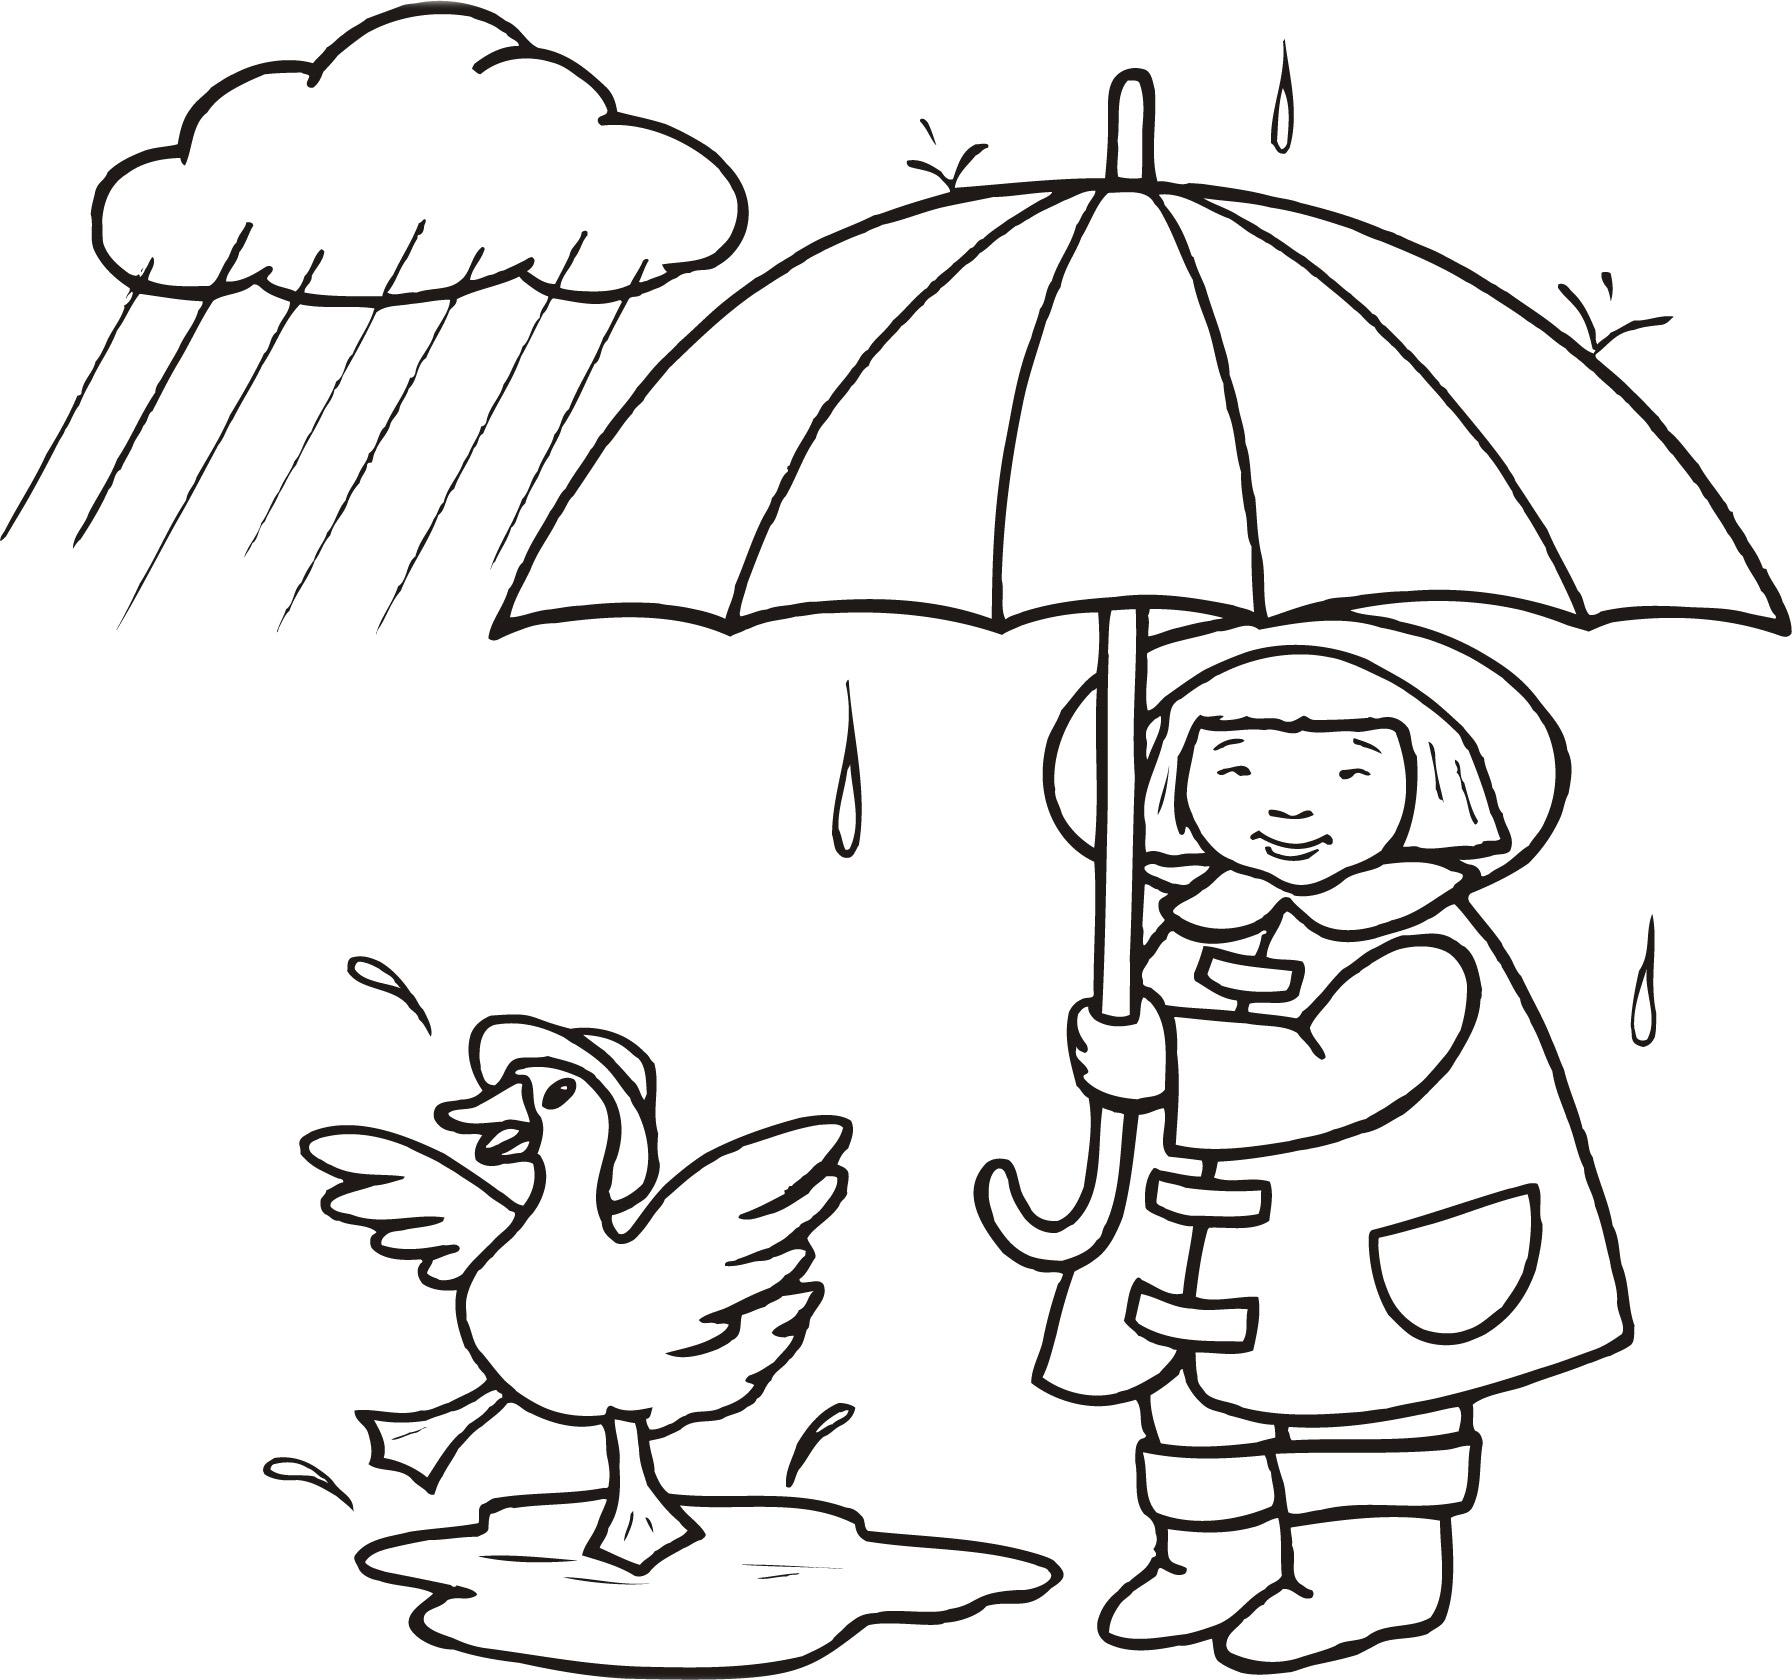 雨ふり英語ぬりえワークシート 子供向英語学習サイトジャシュアの本棚